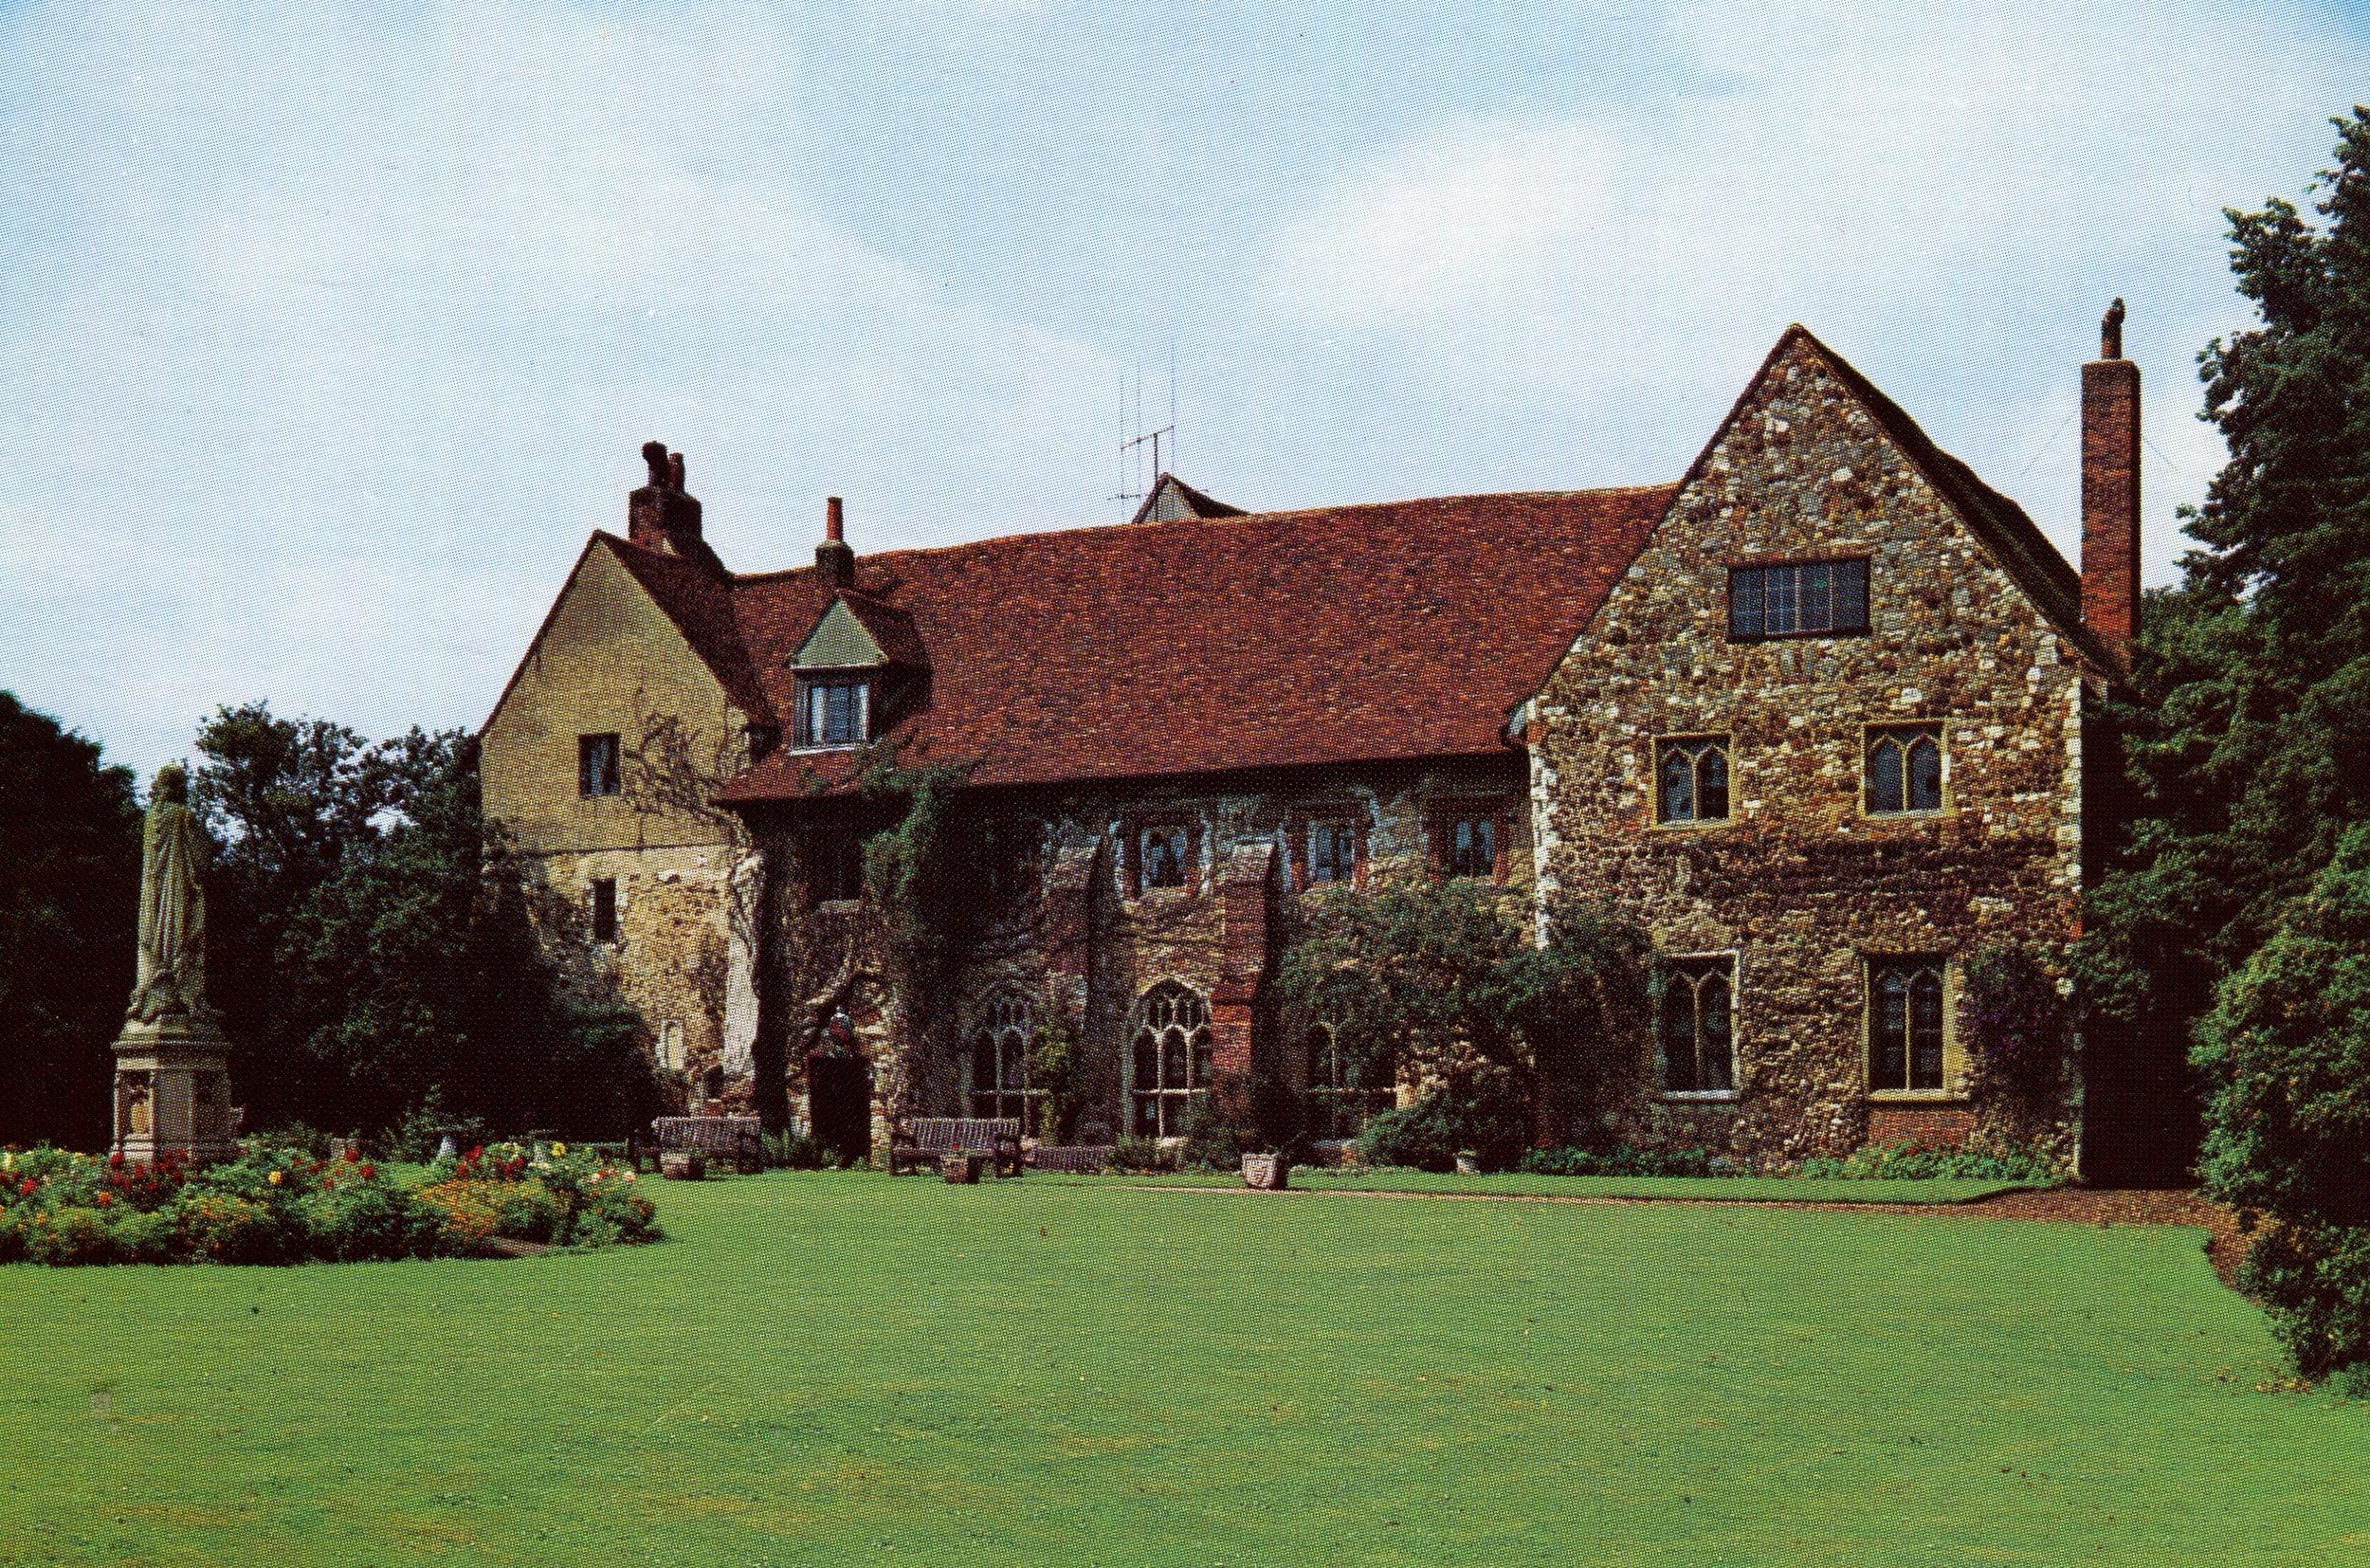 Maldon Beeleigh Abbey